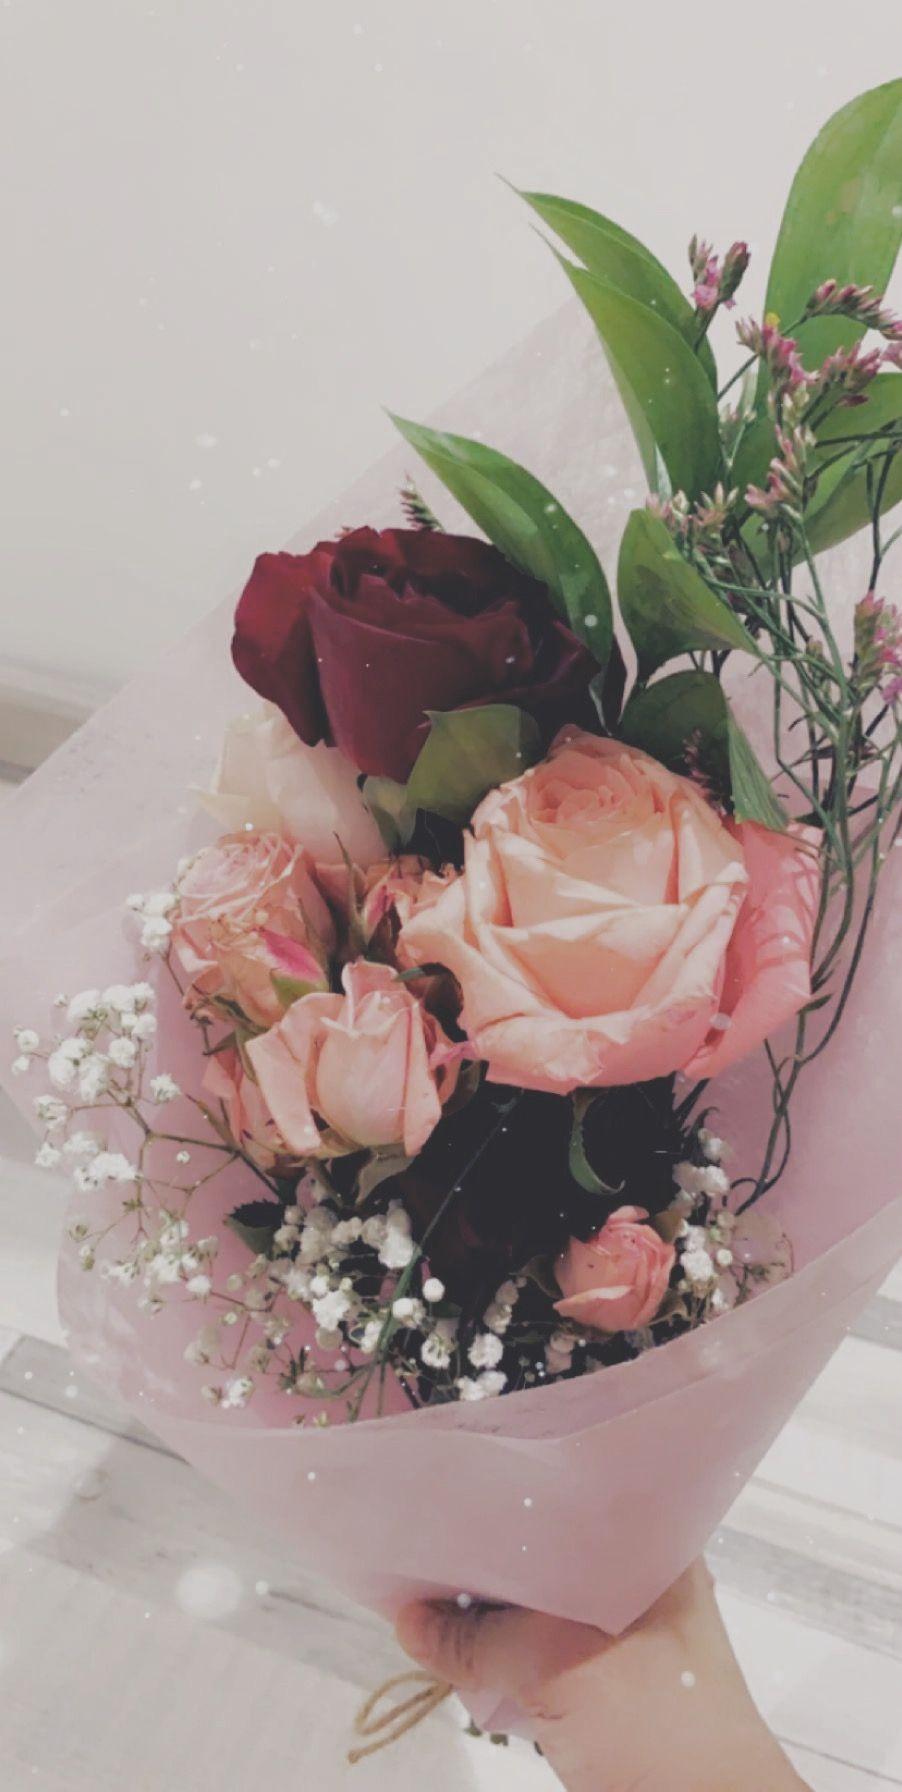 حب كبير للناس اللي تسعدنا بأشياء بسيطه Floral Wreath Floral Wreaths